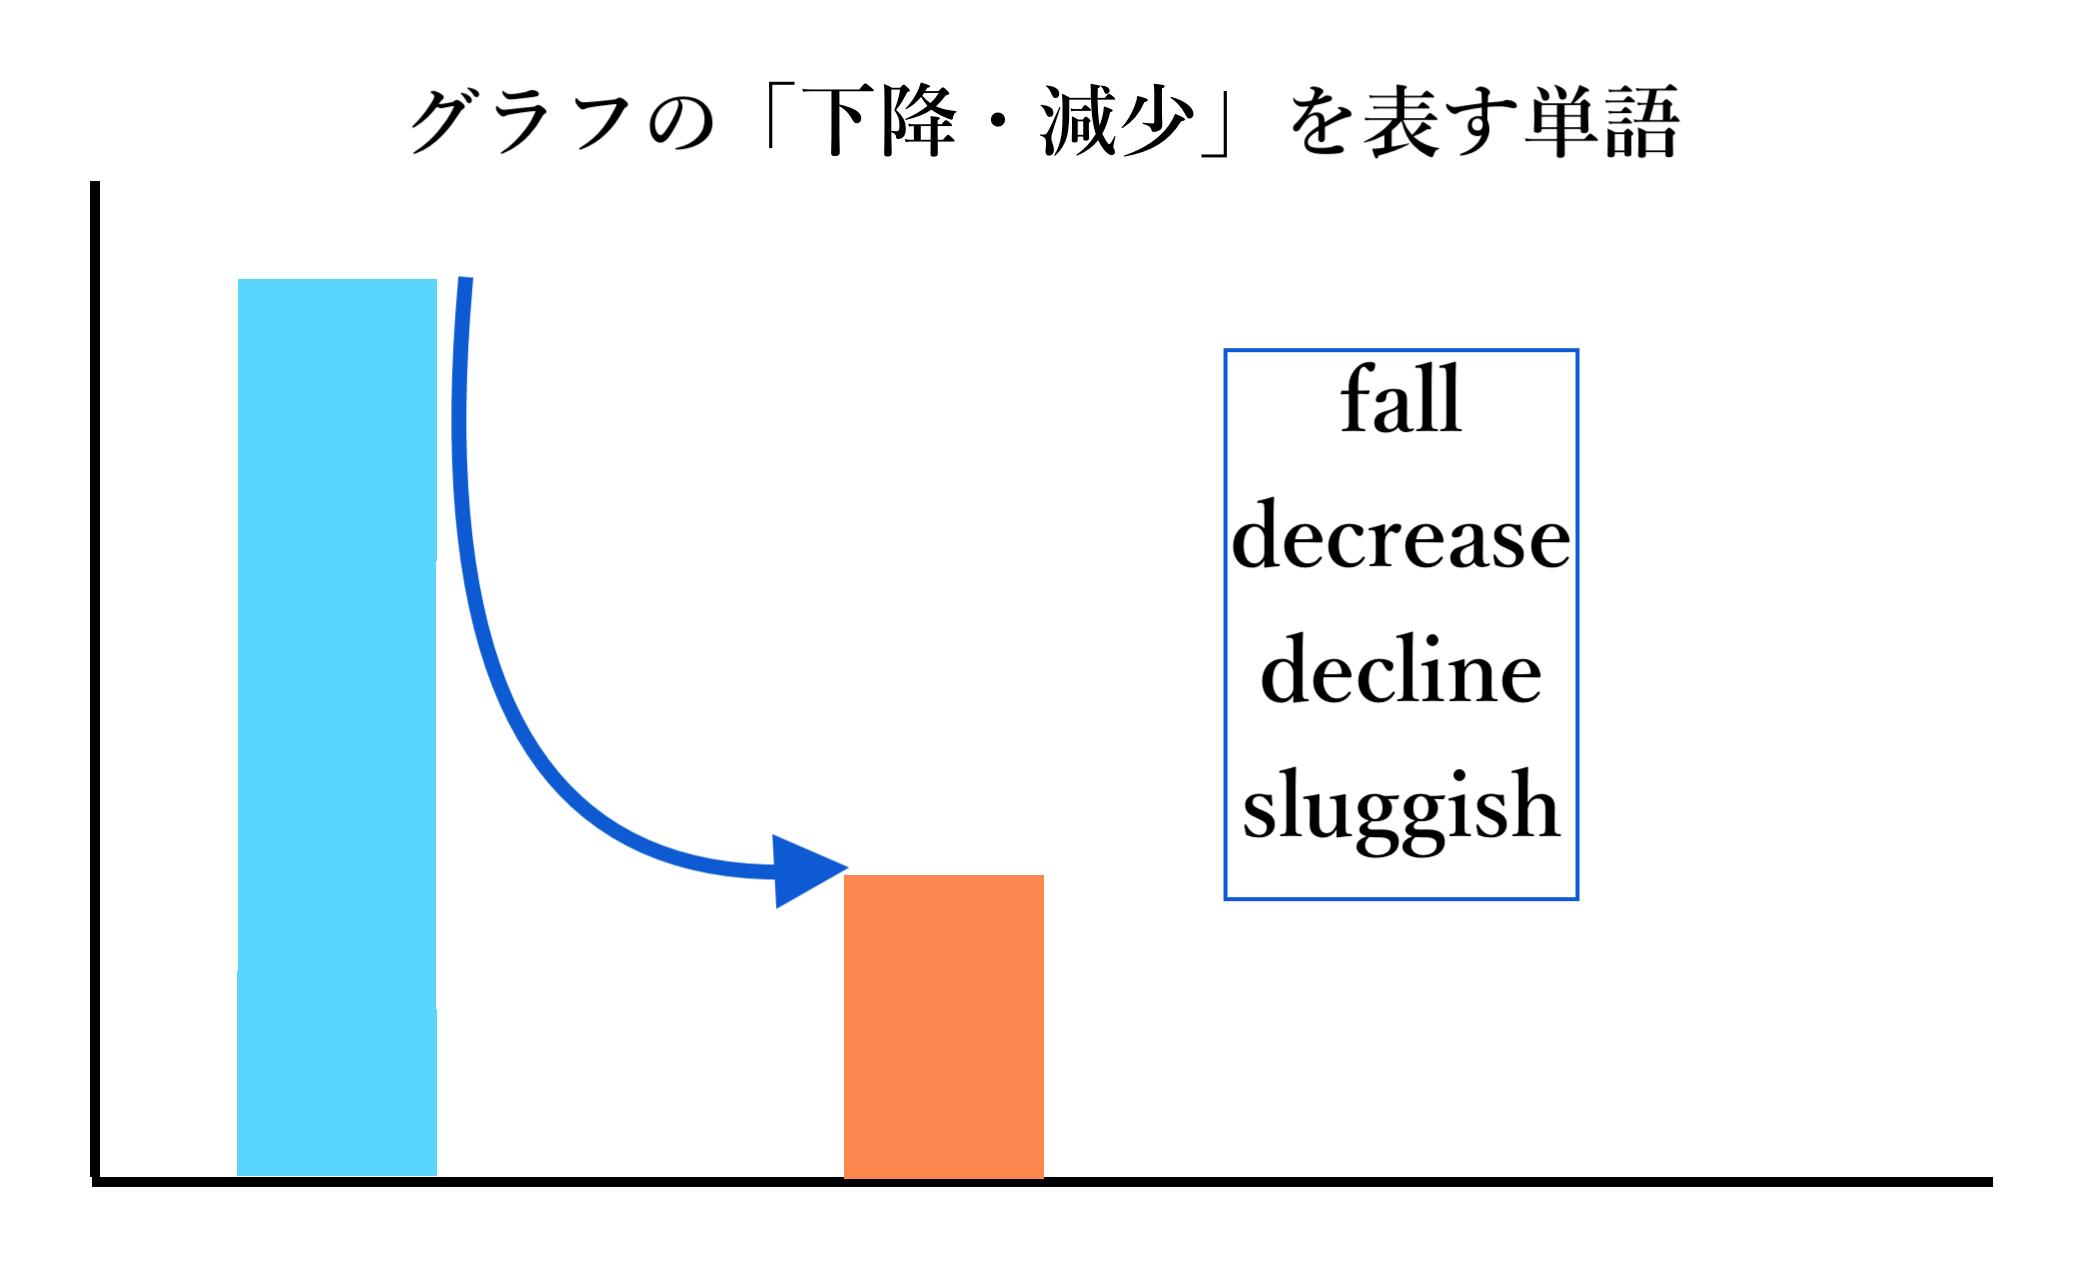 グラフ推移 下降・減少説明図(筆者自作)